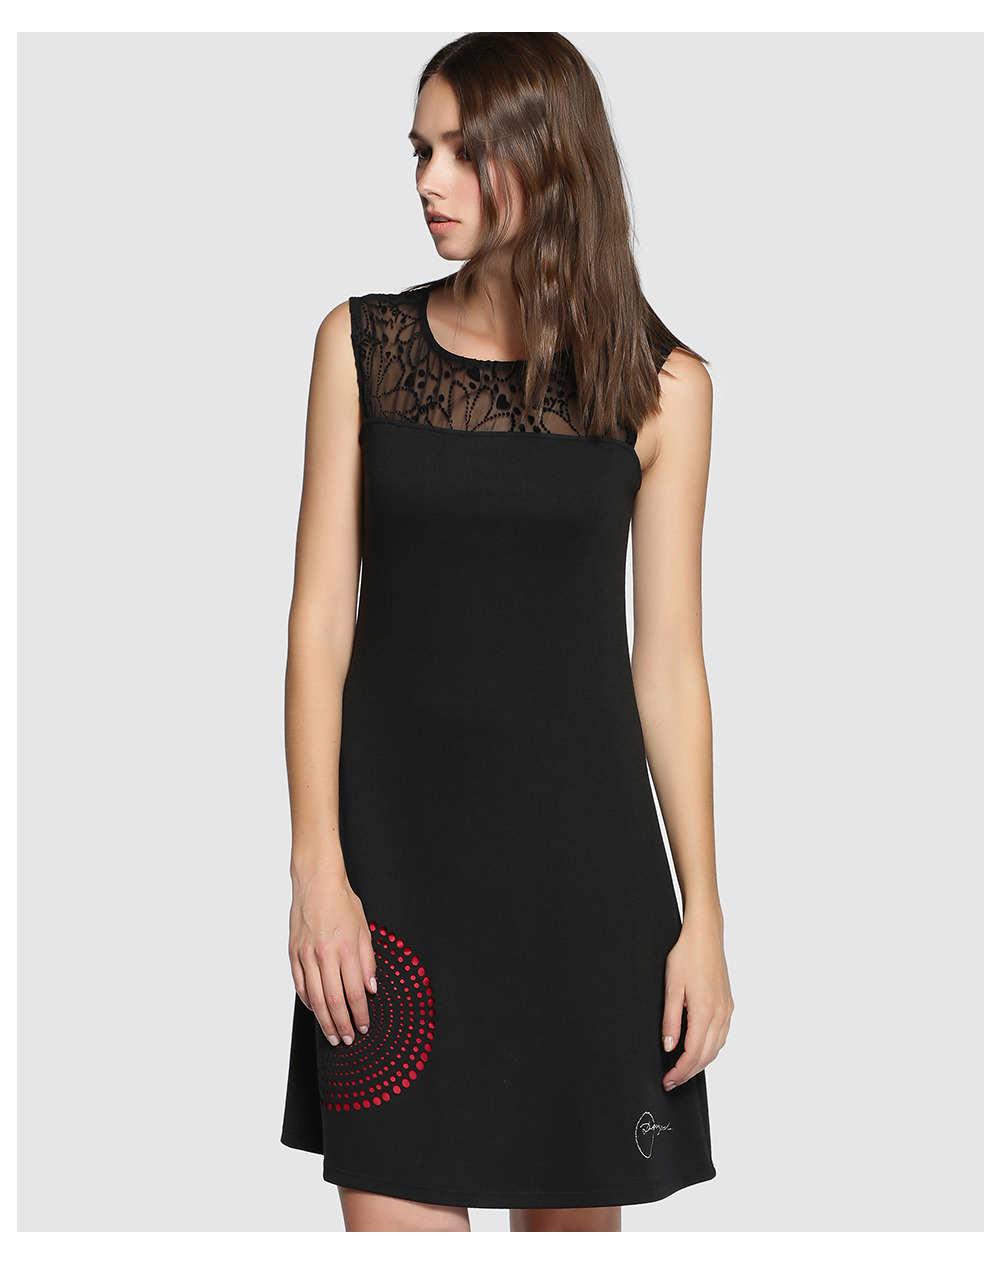 Hermosos modelos de vestidos negros, color que no pasará de moda!